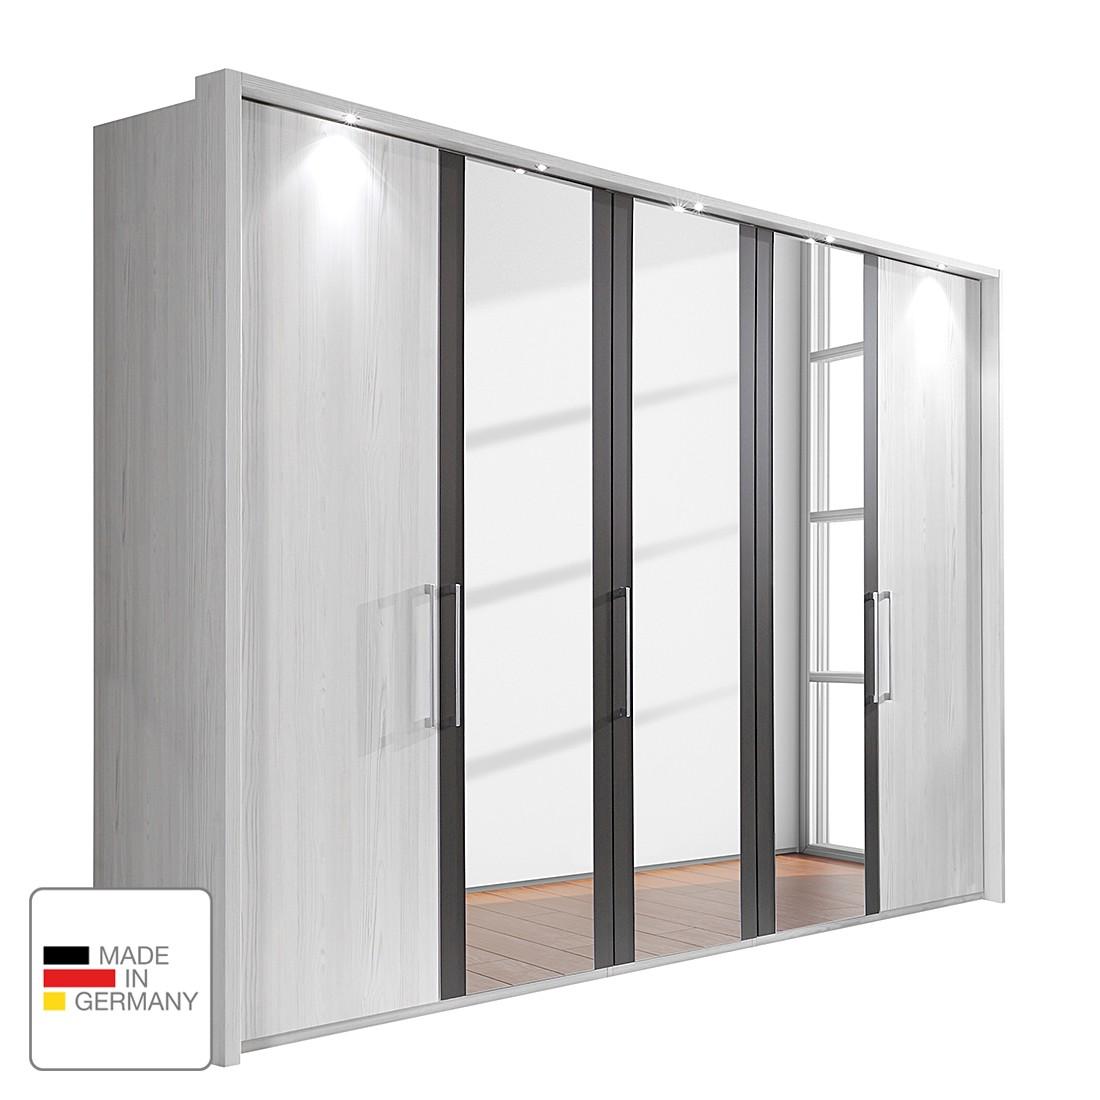 Drehtürenschrank Lissabon – Polar Lärche Dekor/Havanna – 250 cm (5-türig) – 2 Spiegeltüren – Mit beleuchtetem Passepartout, Althoff online bestellen